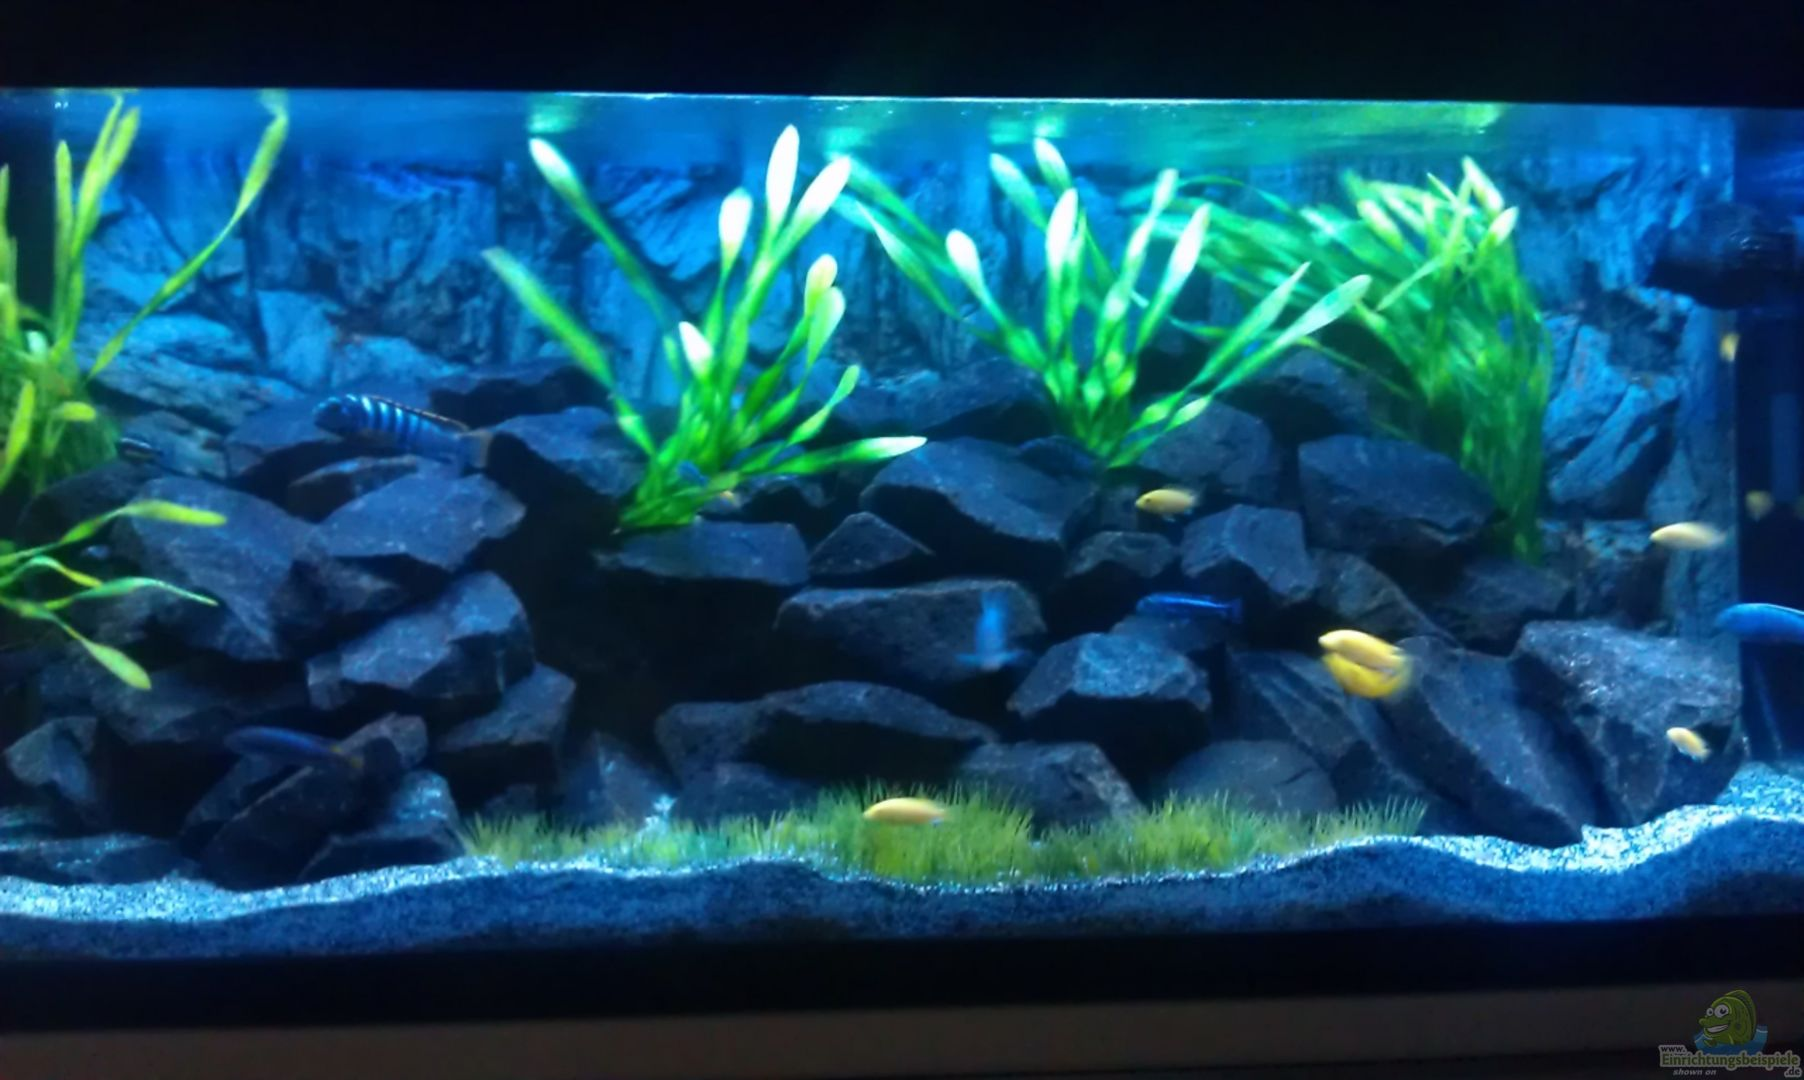 Aquarium von lohmi 5 22562 stone edge for Aquarium 120x40x50